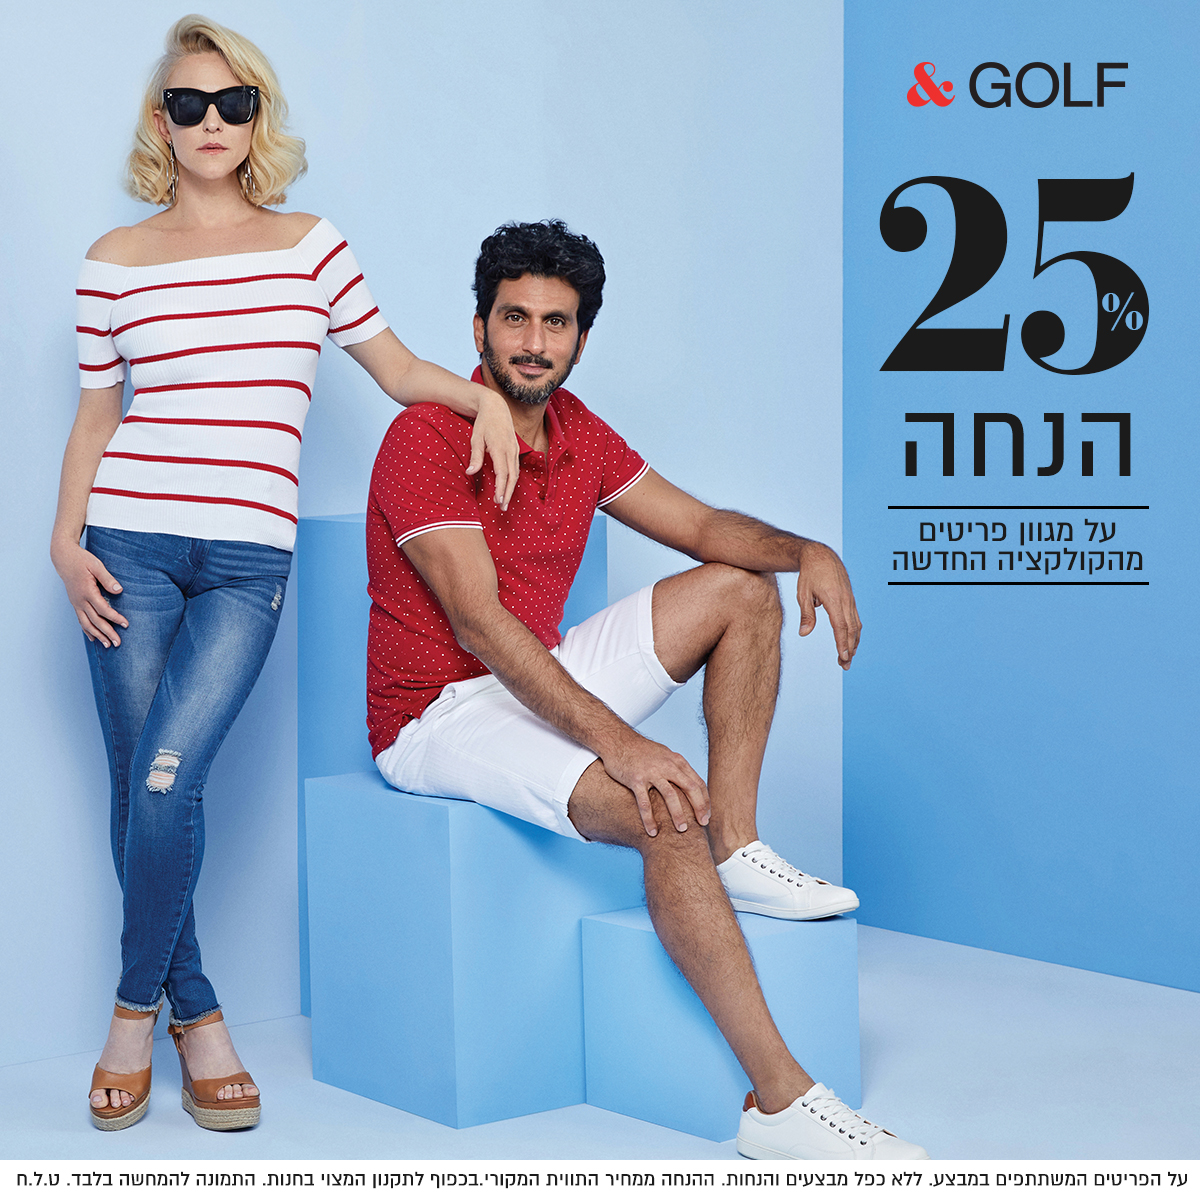 כוננות קיץ בגולף!